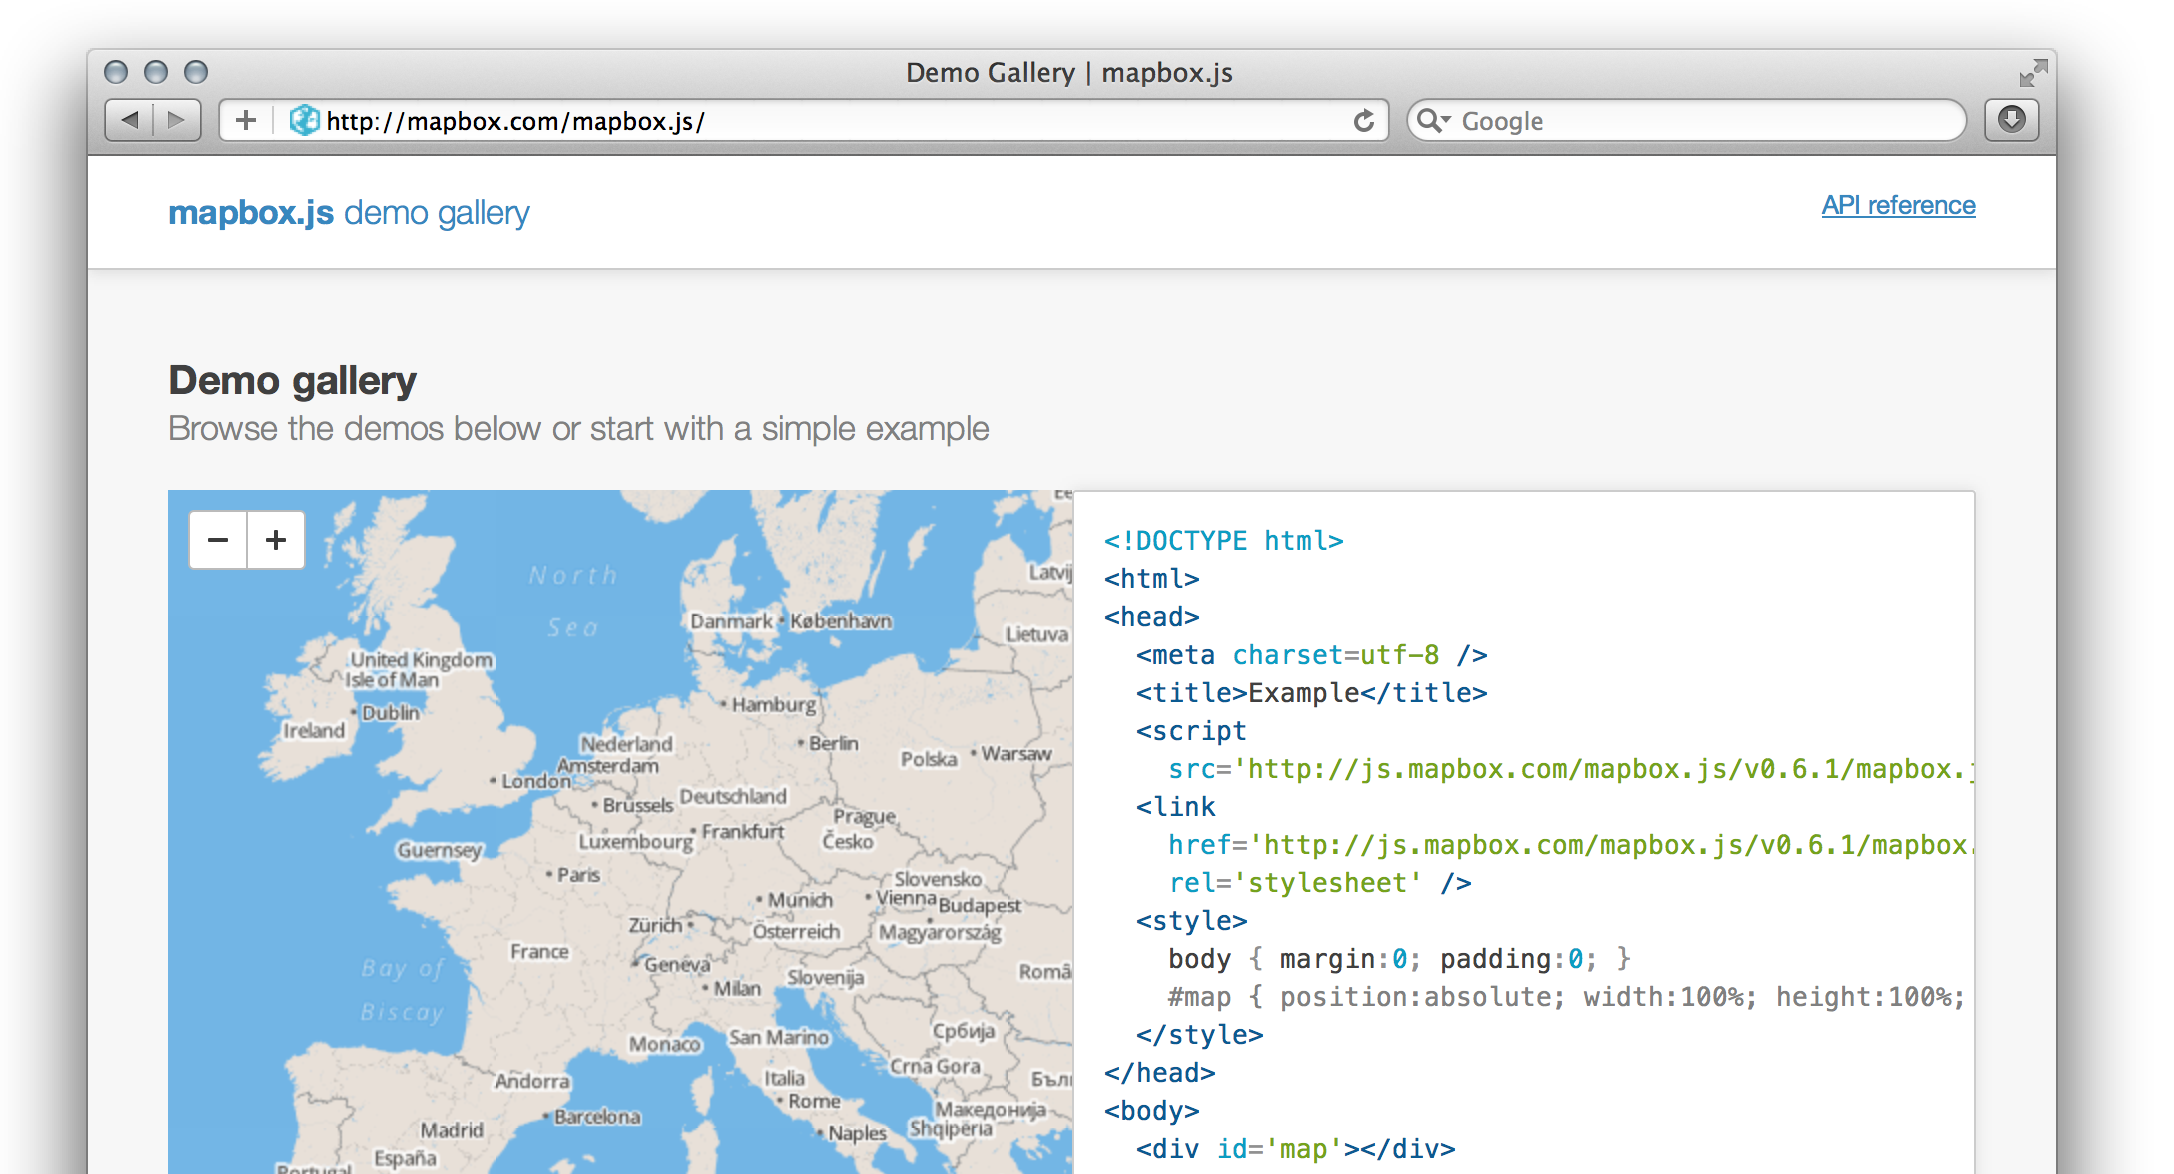 Introducing the MapBox JavaScript API | Mapbox